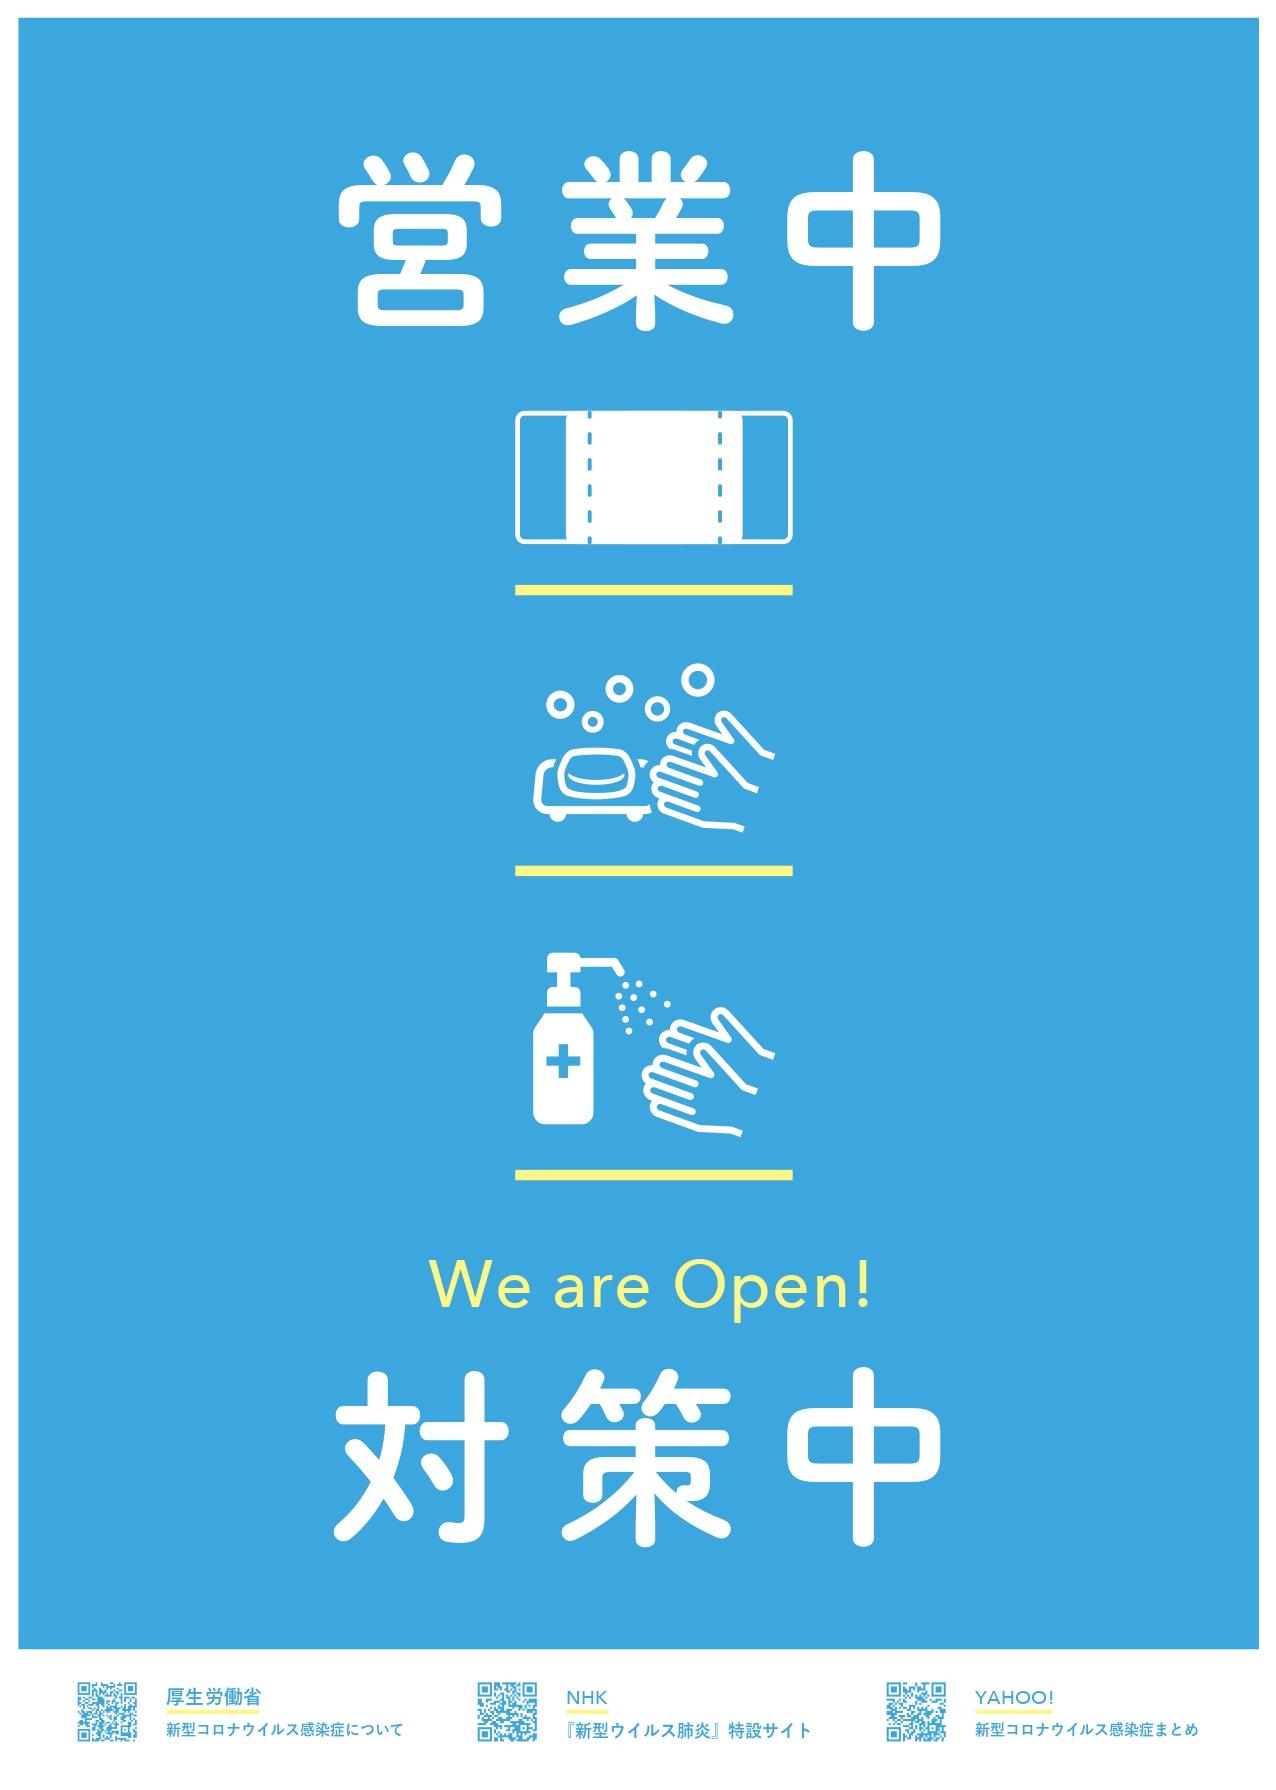 店舗_印刷用_poster_koneko_2020_page-0001.jpg